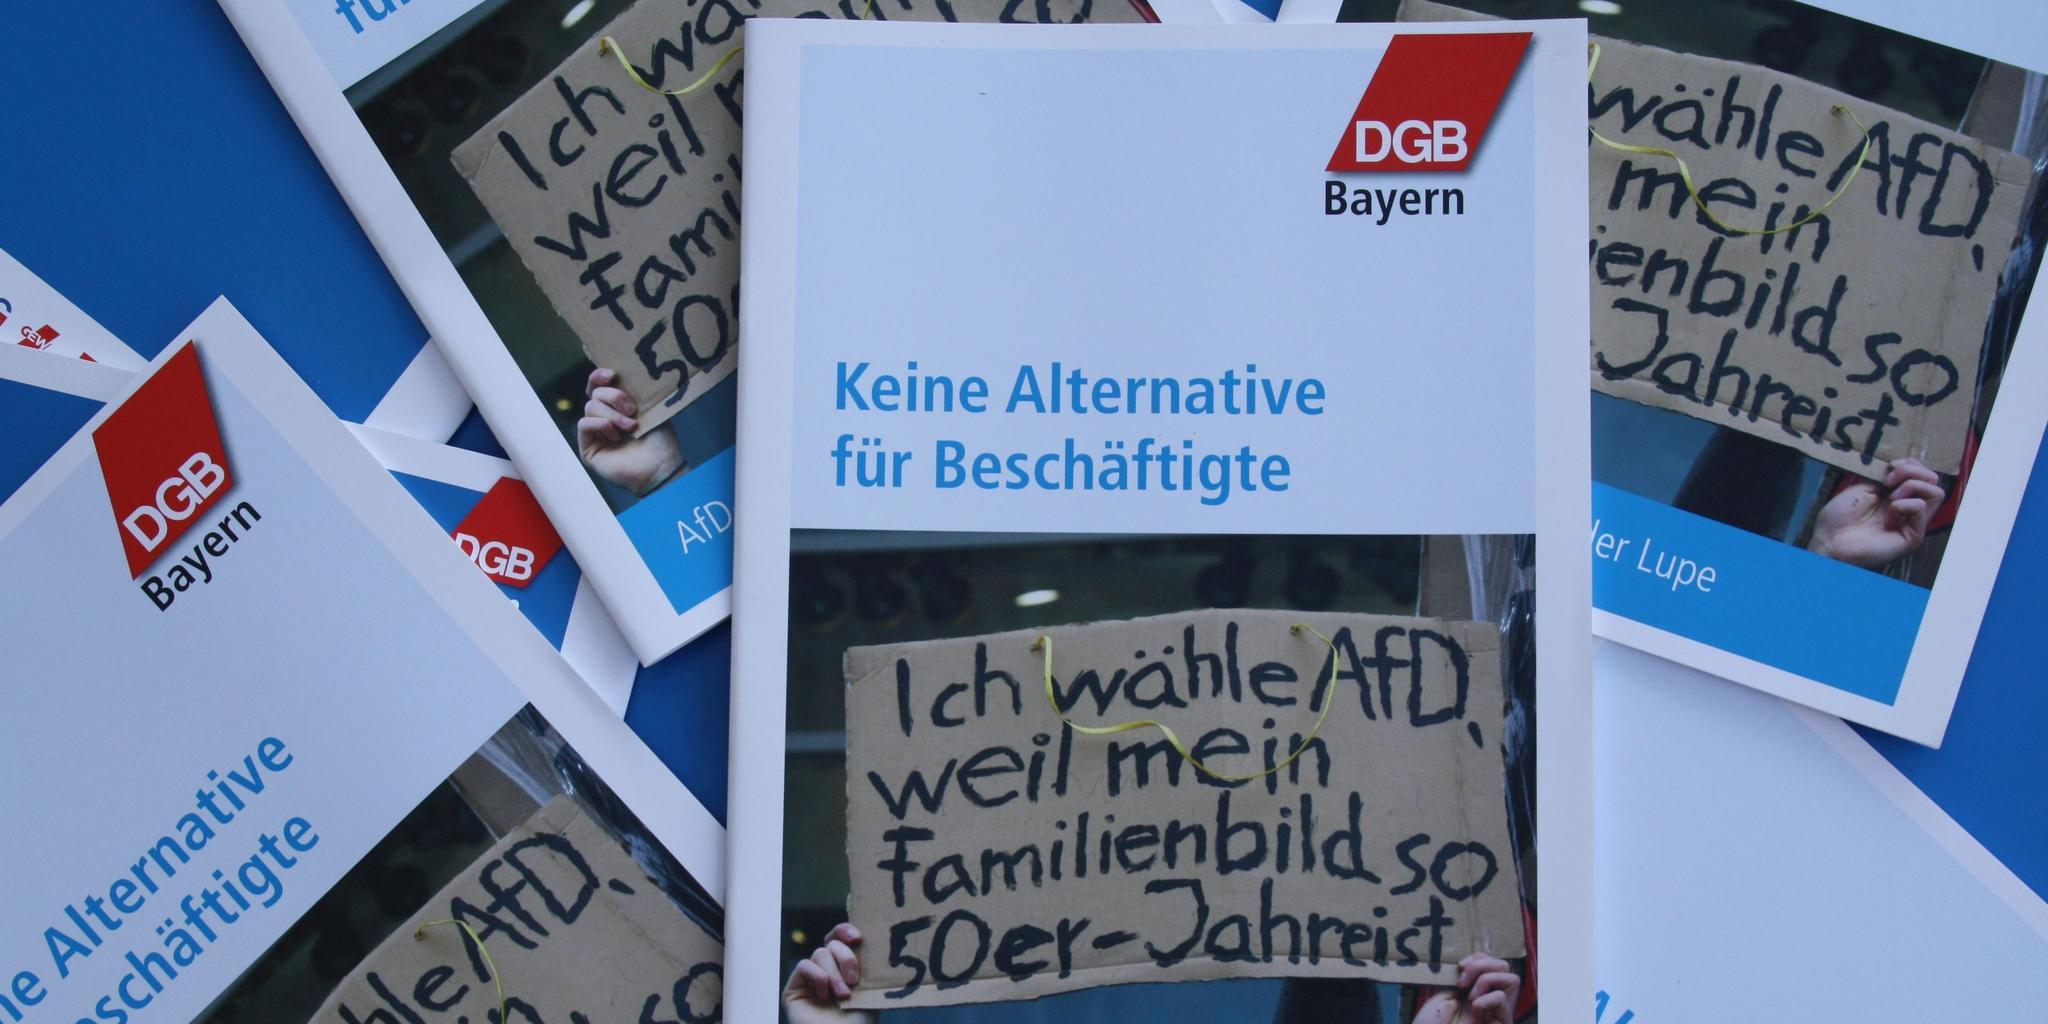 AfD - Keine Alternative für Beschäftigte!